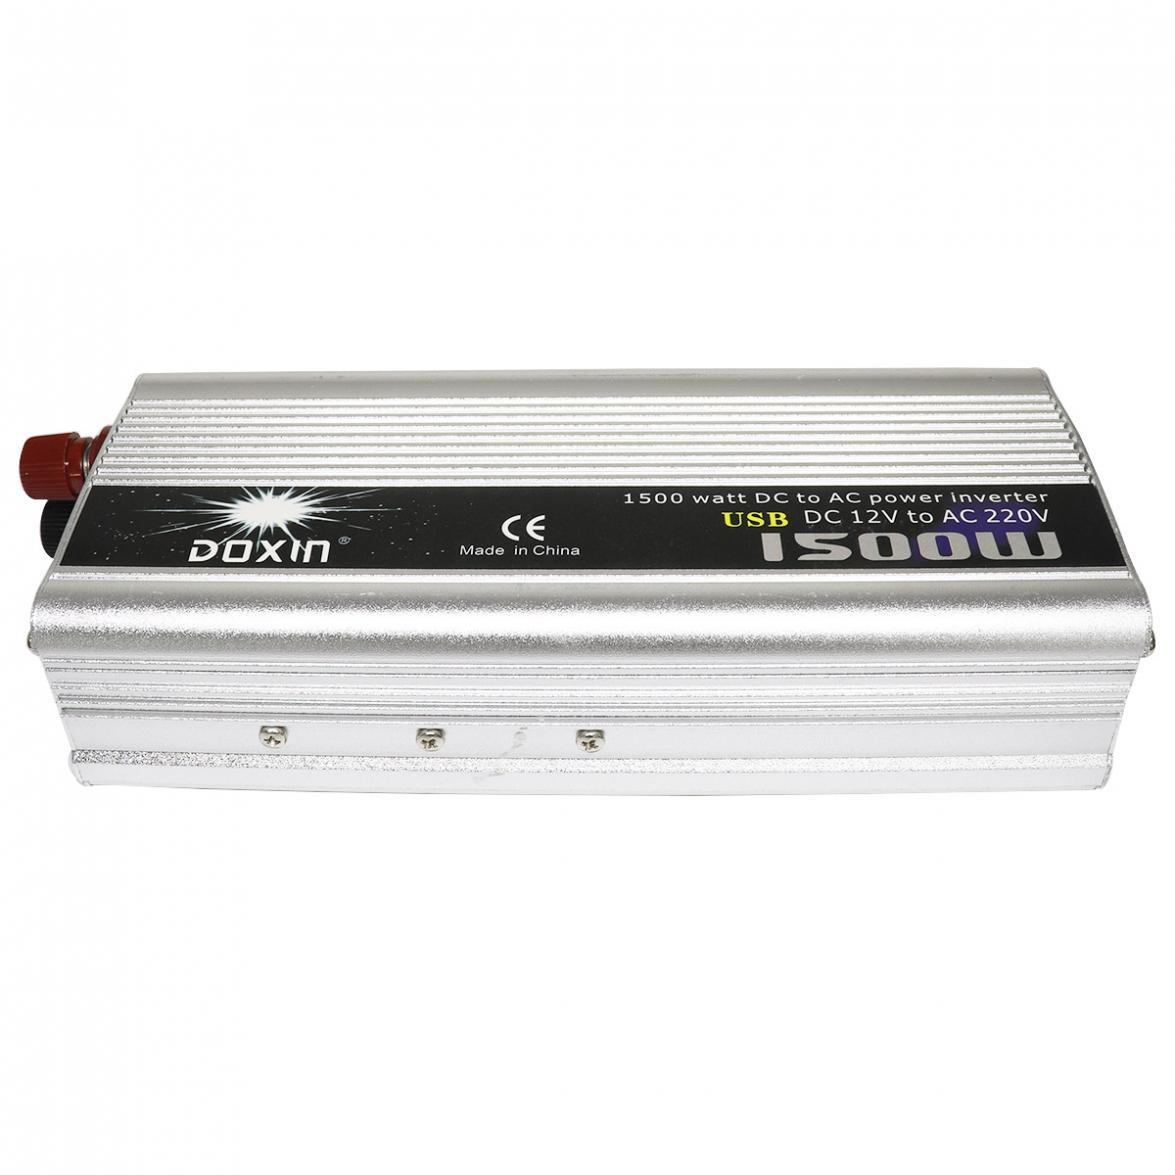 1500W Auto Power Inverter DC 12V 24V zu AC 220V 110V USB Power Ladegerät Konverter auto Inverter Peak Power 3000W